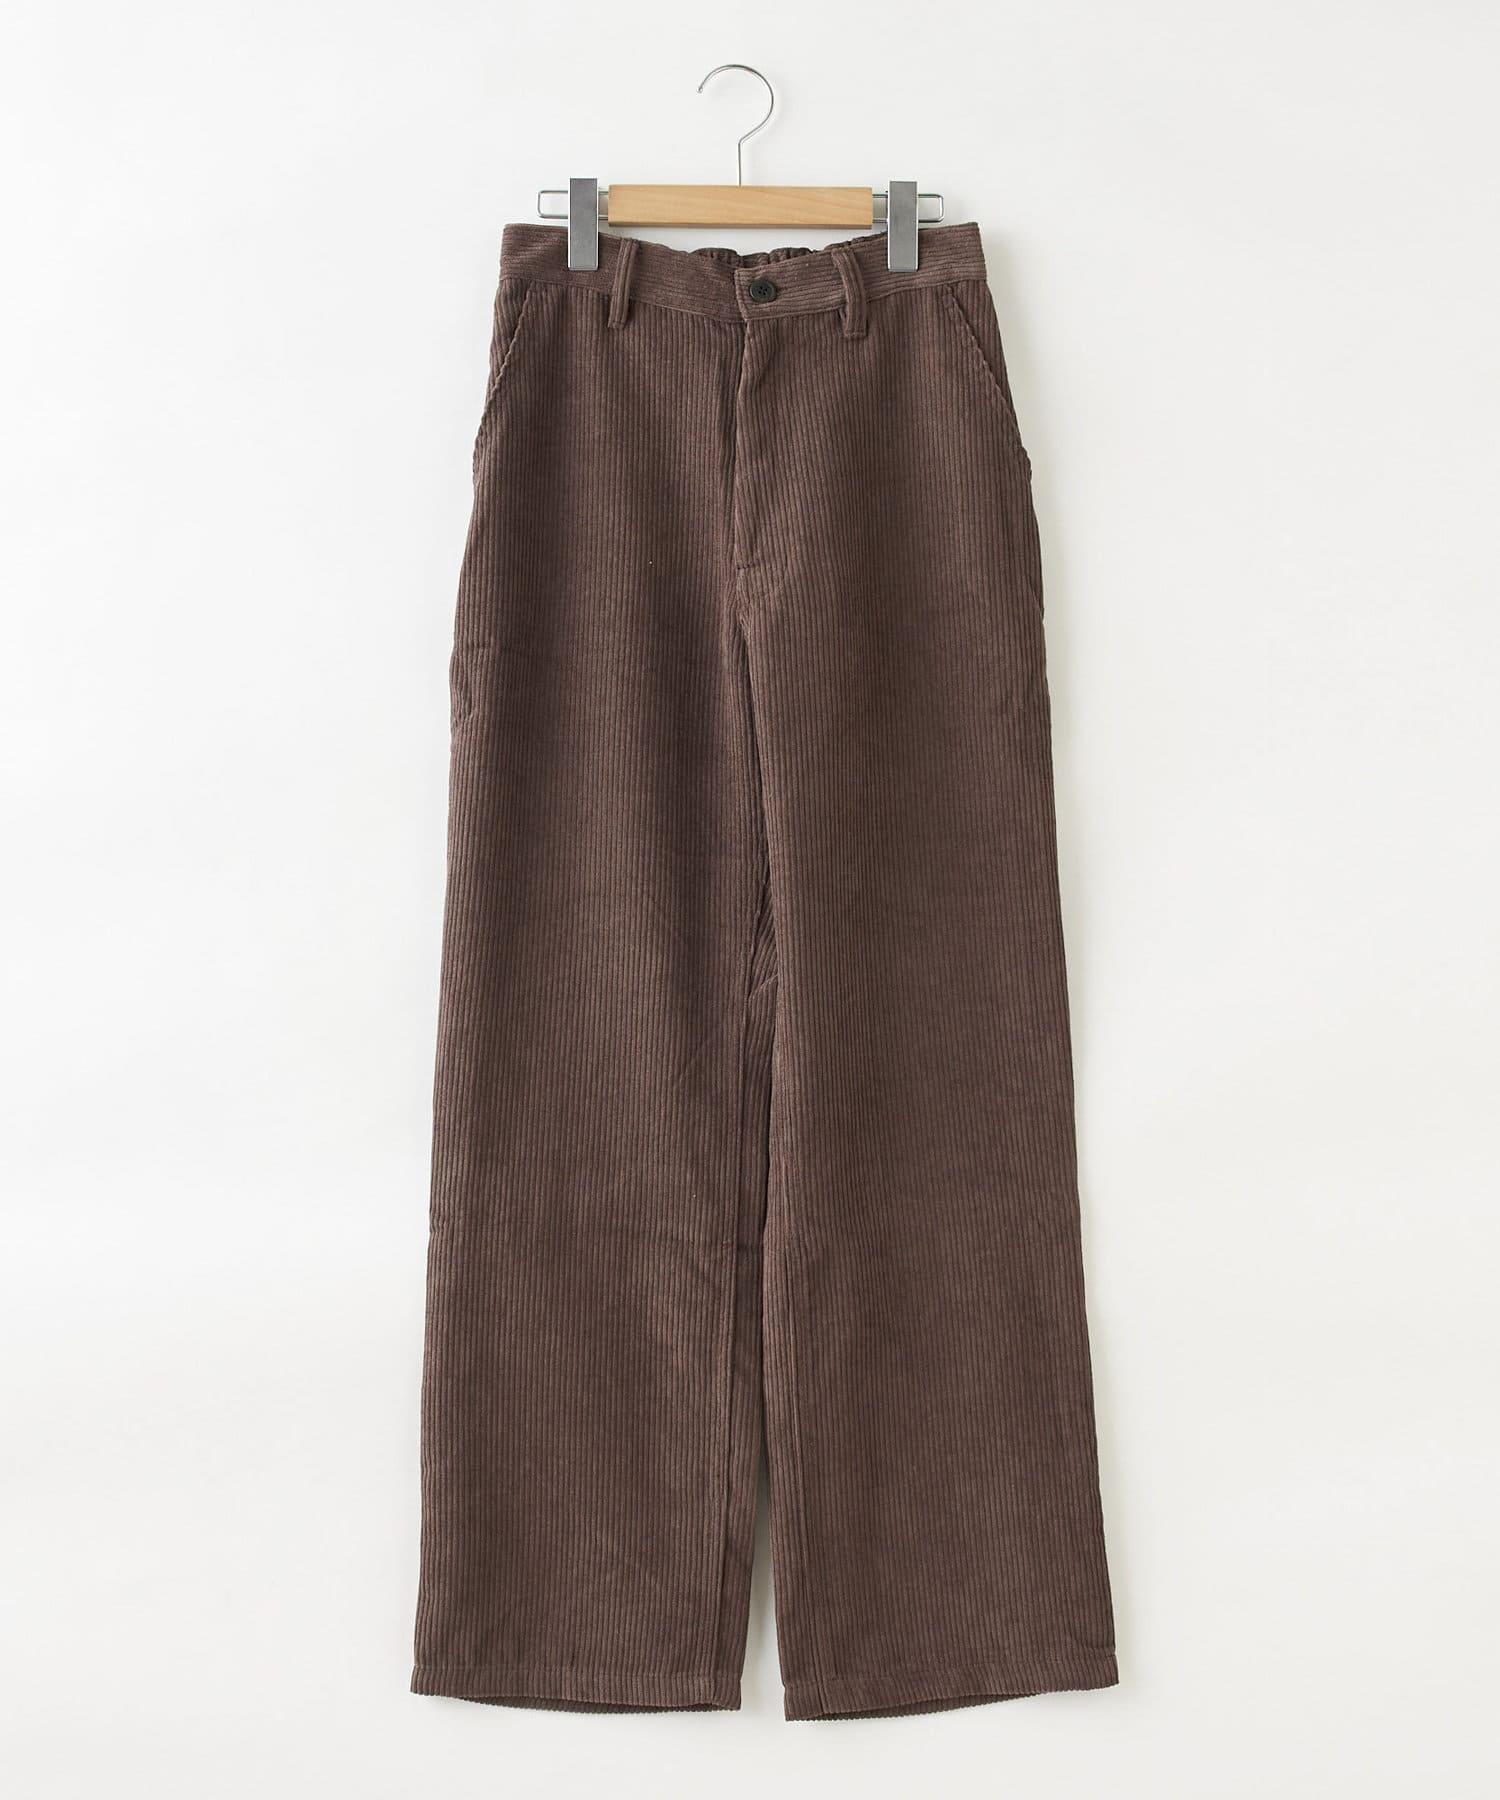 OLIVE des OLIVE OUTLET(オリーブ・デ・オリーブ アウトレット) 【dsf】Loose corduroy pants